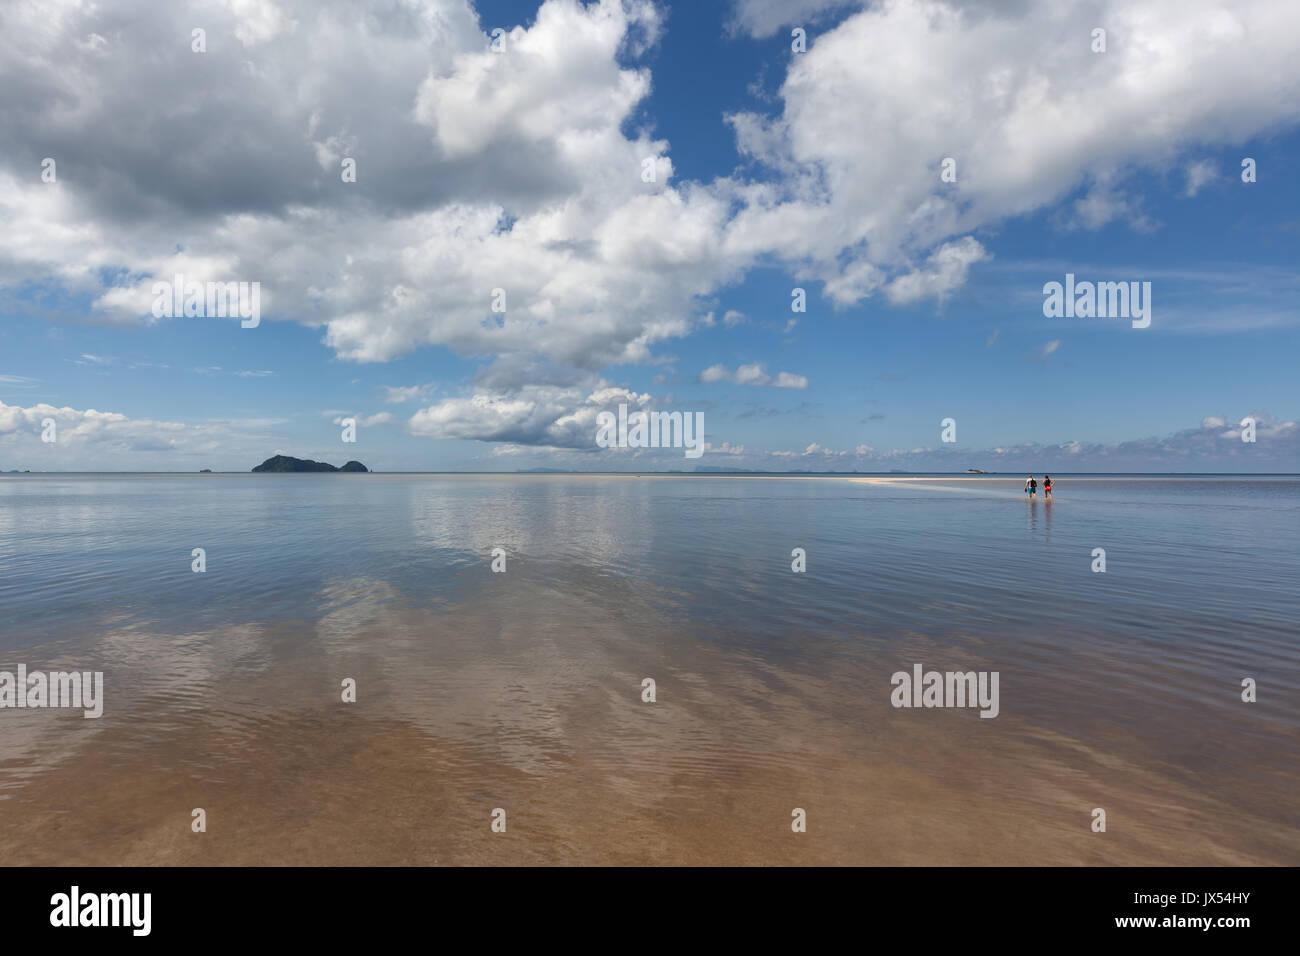 Walking on the water at Hin Kong Beach, Koh Phangan island, Thailand - Stock Image